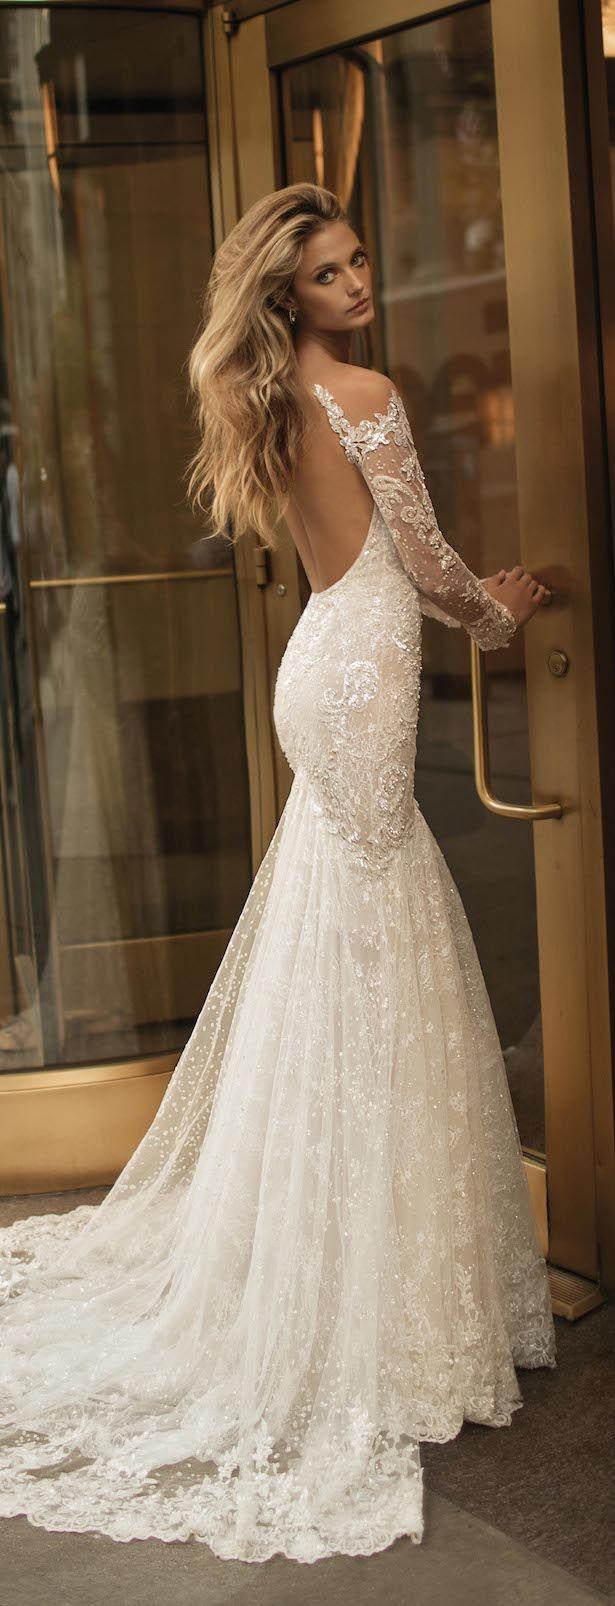 Berta Bridal Fall 2017 Collection | Berta bridal, Wedding dress and ...